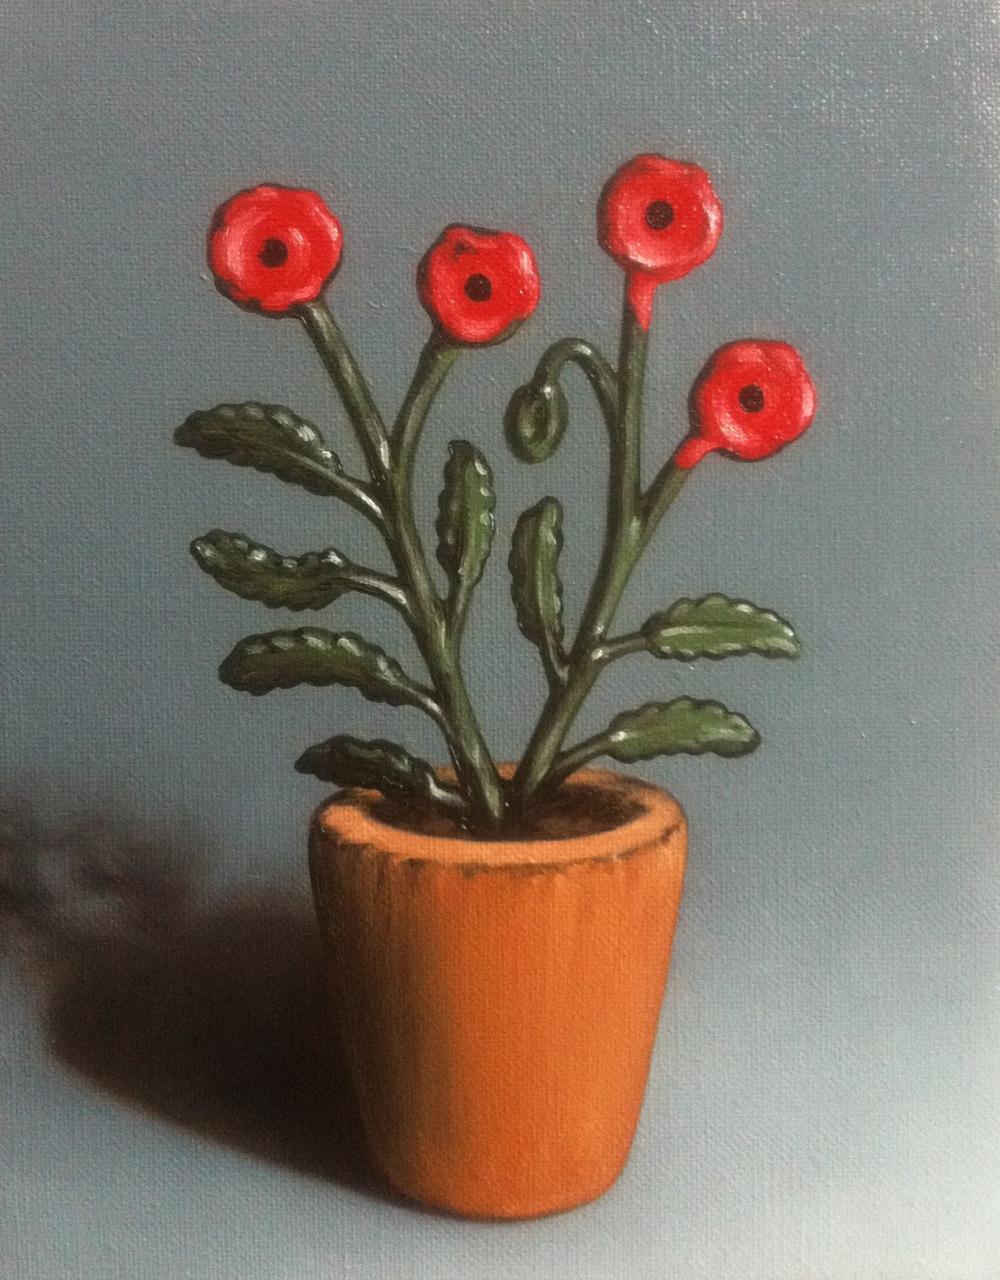 The Poppy Plant